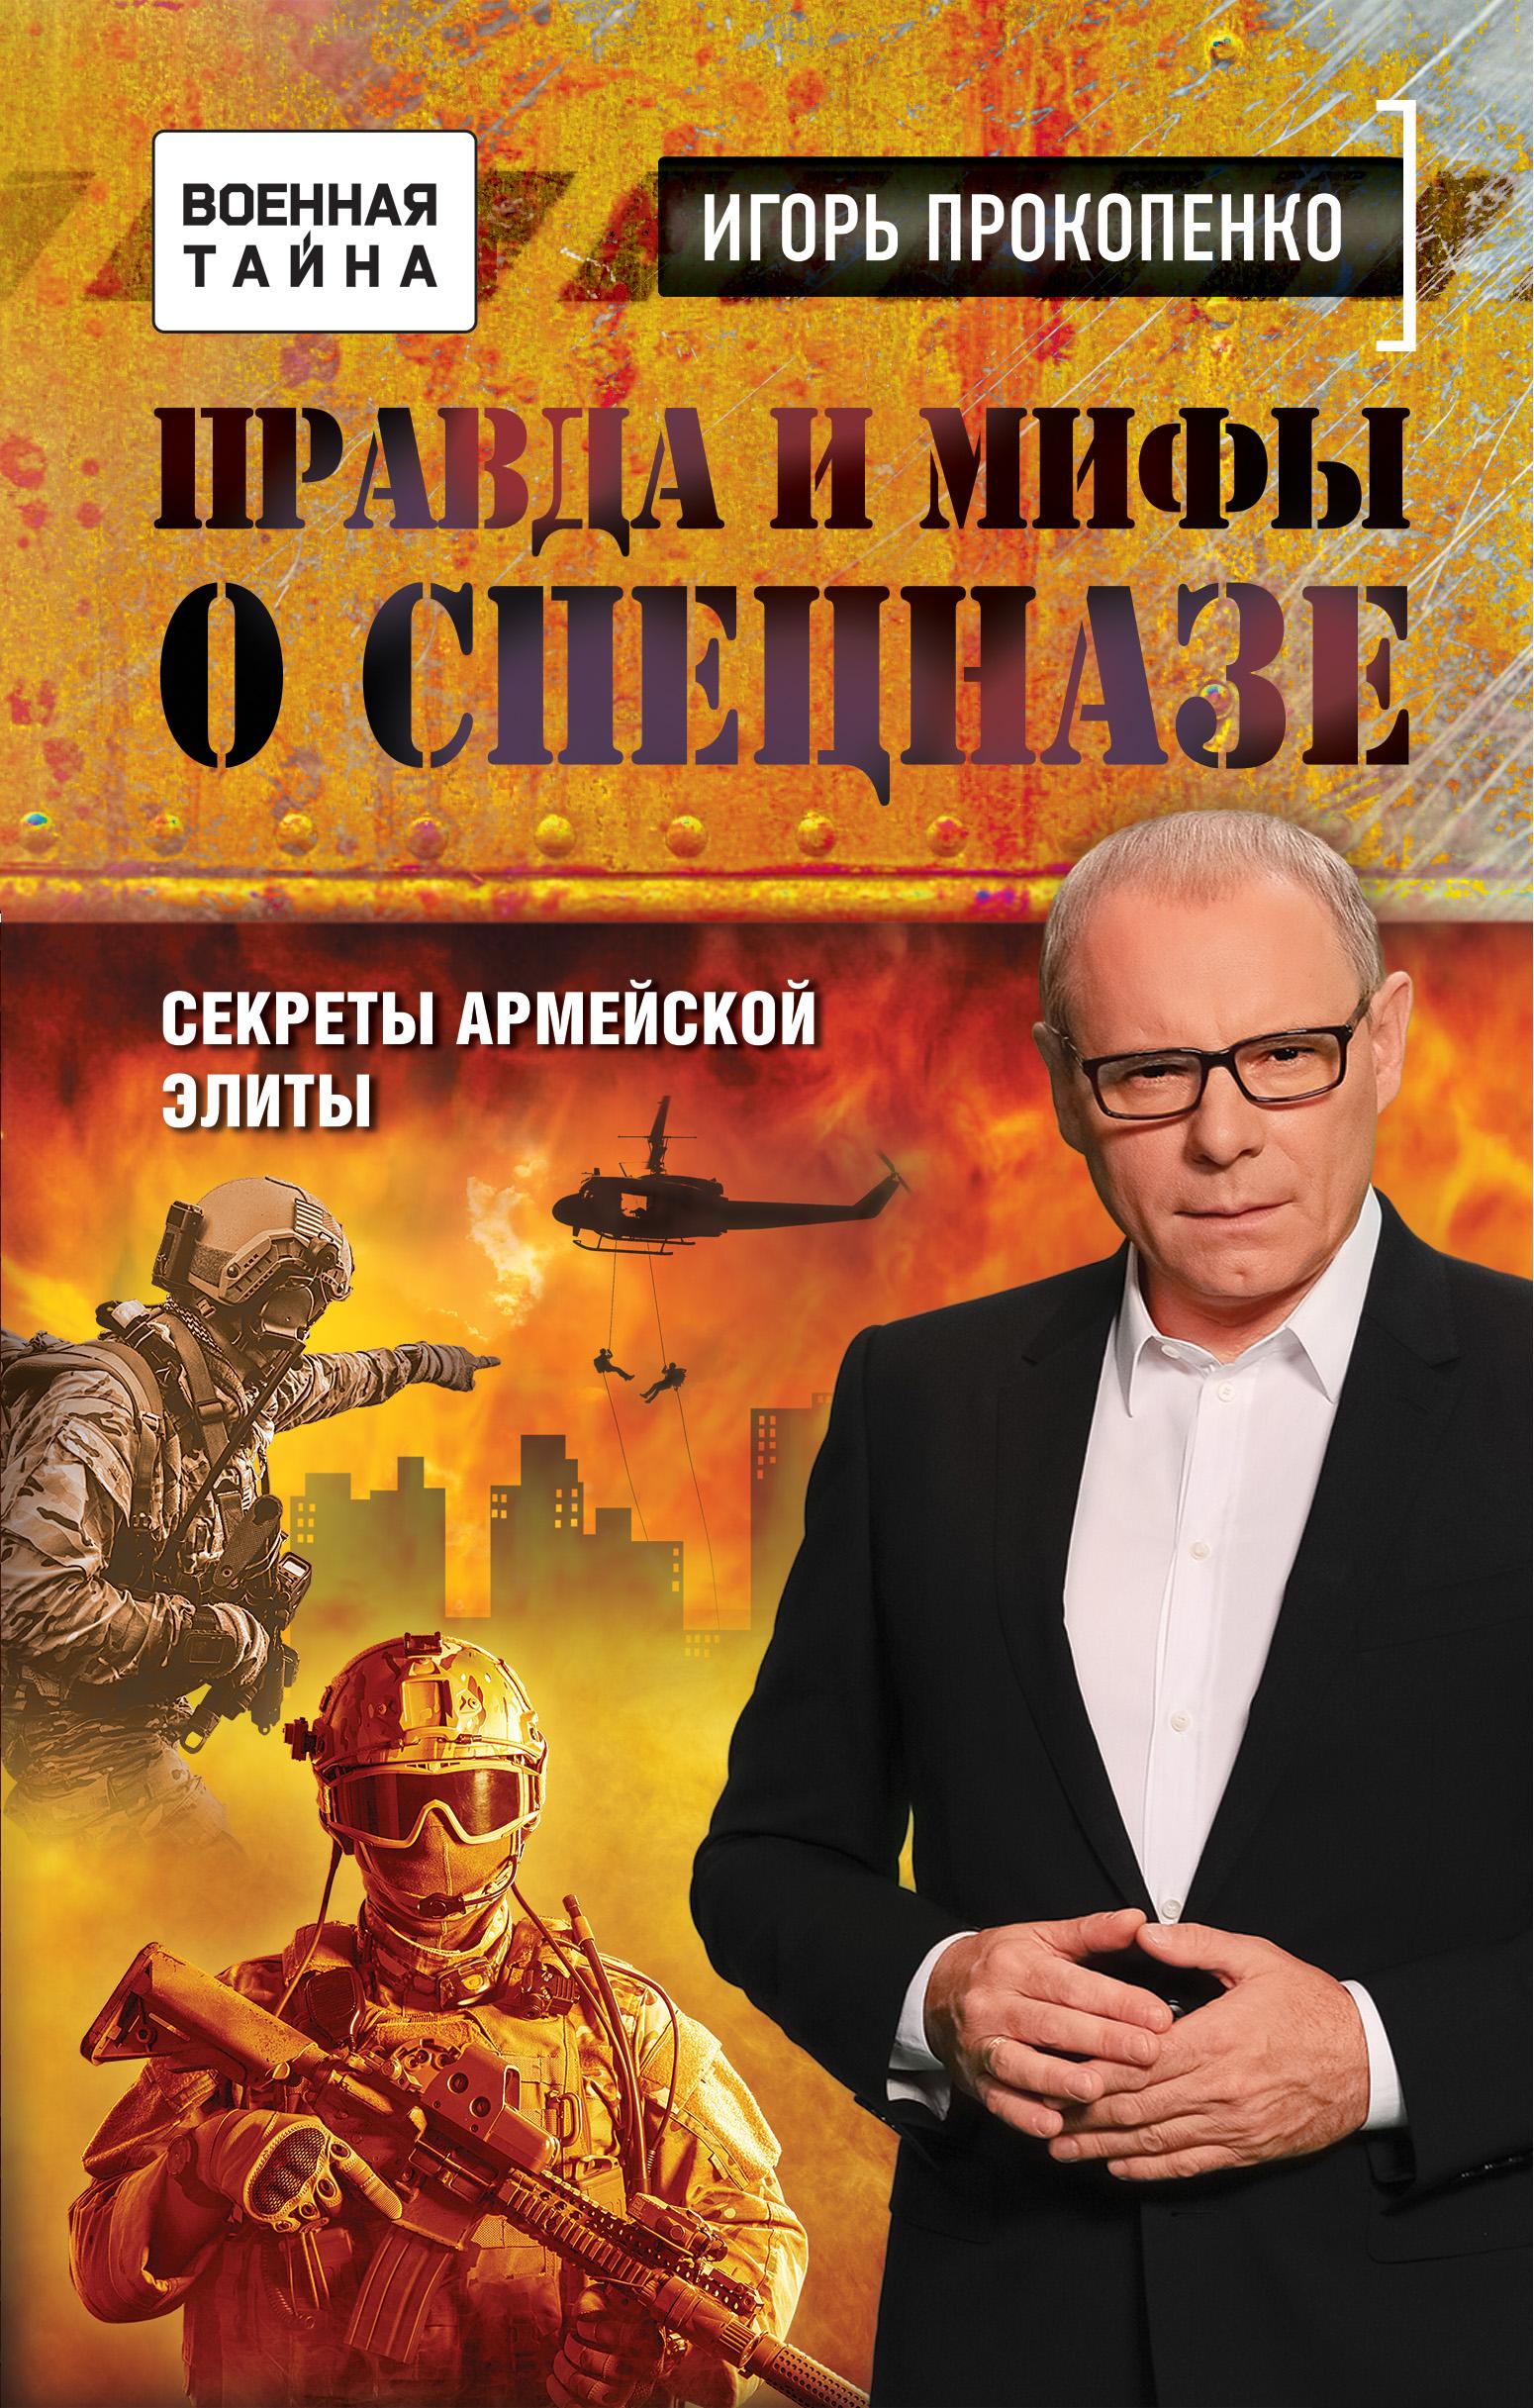 Игорь Прокопенко «Правда и мифы о спецназе»